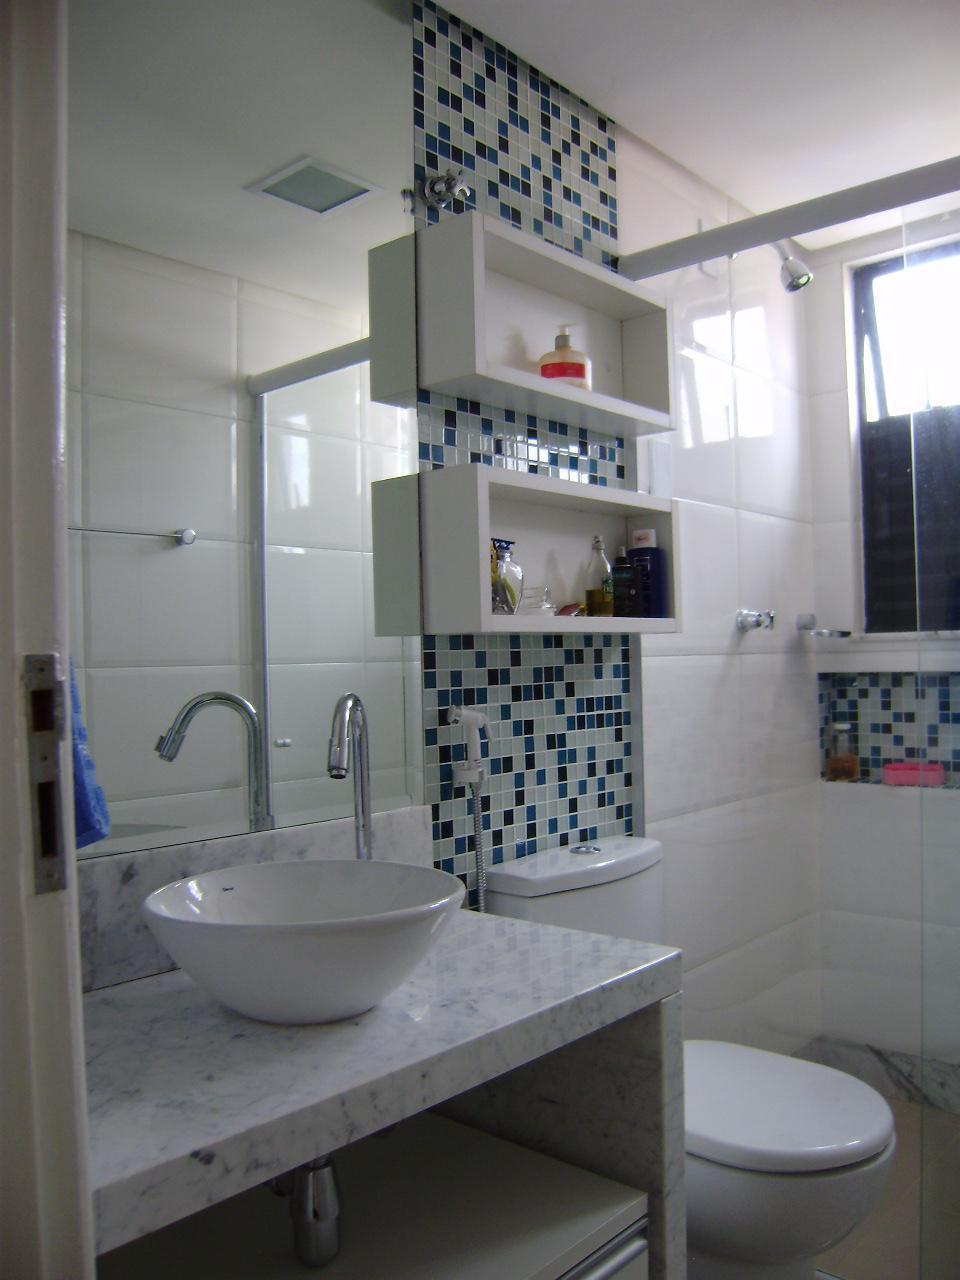 Decora??o para banheiros pequenos com pastilhas ...